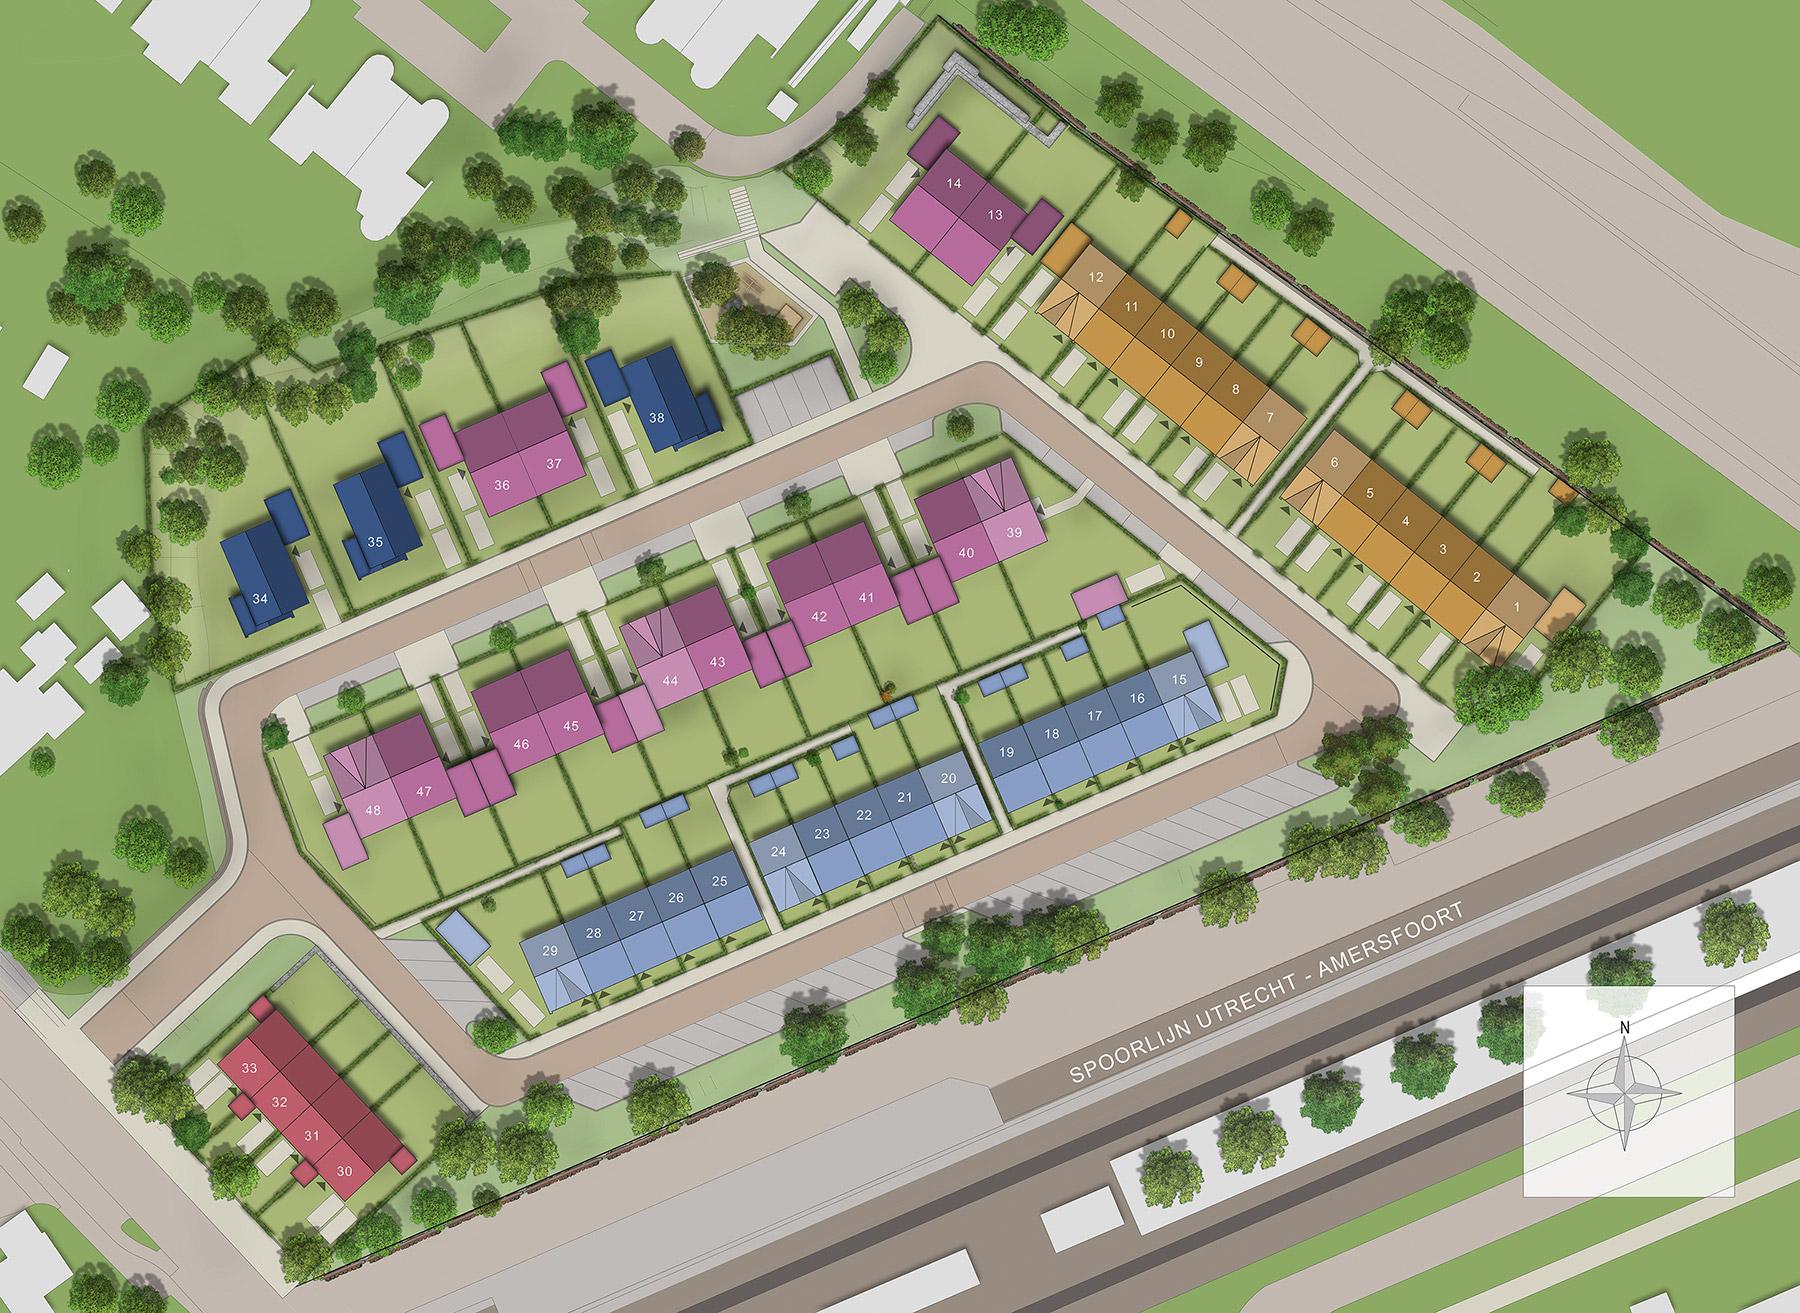 Ijsselland ijsselland ontwikkeling - Een stuk grond ontwikkelen ...